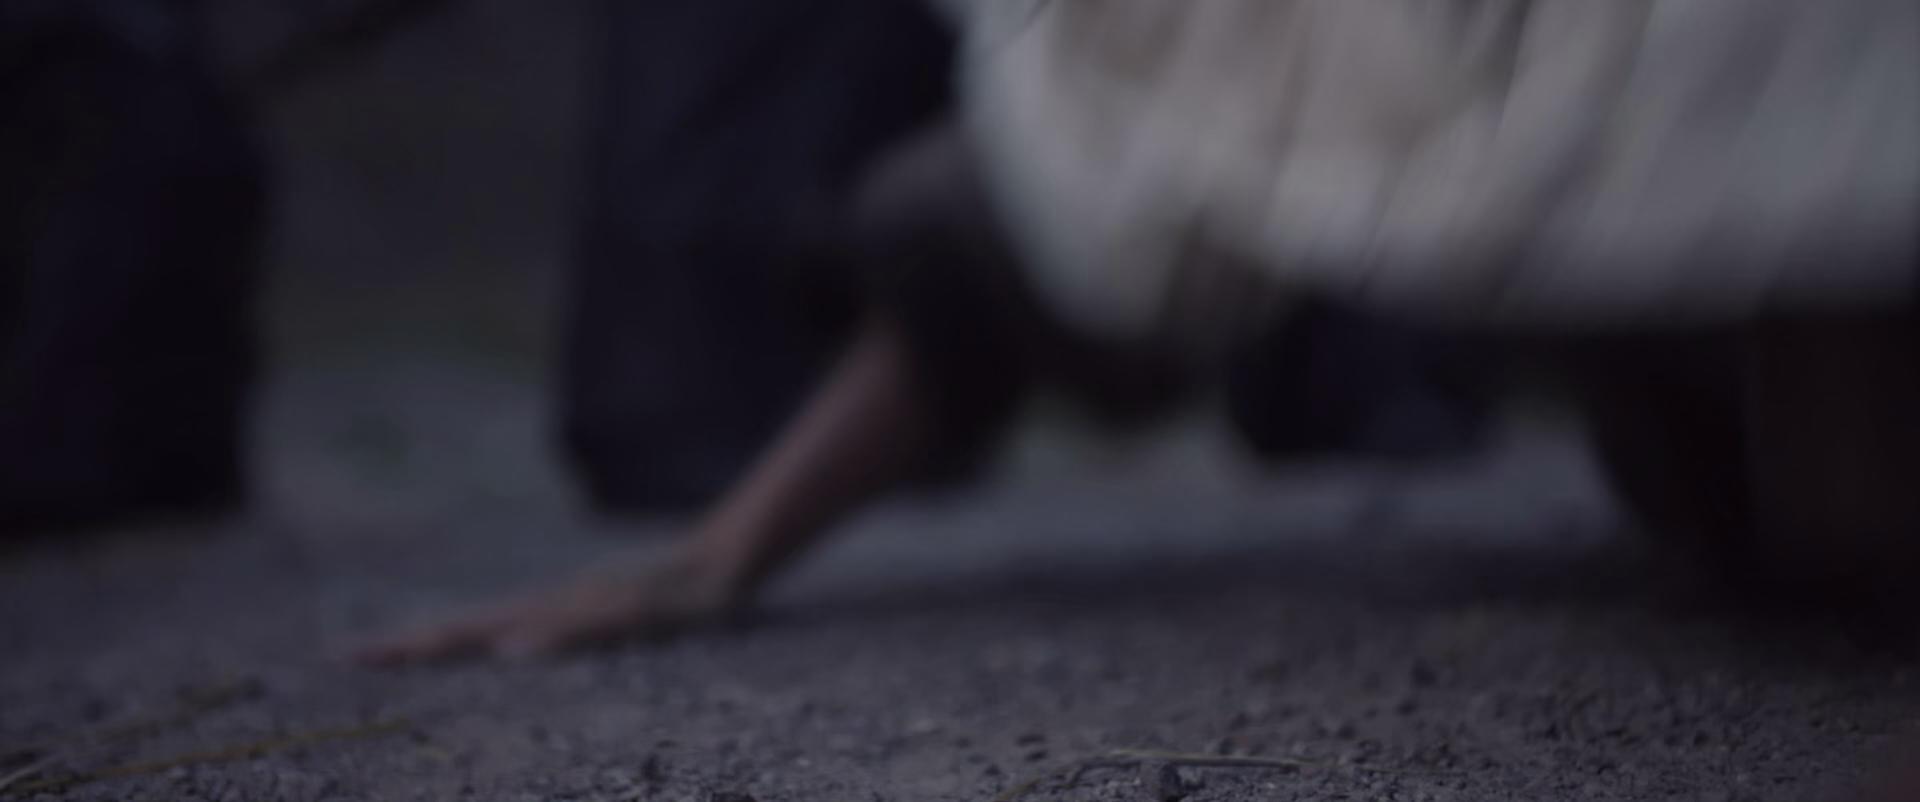 悠悠MP4_MP4电影下载_[斗破乱世情][BD-MKV/6.04GB][国英多音轨/简繁字幕][1080P][H265编码][电影,爱情,中国,战争,大陆,三国,吕布,感情]